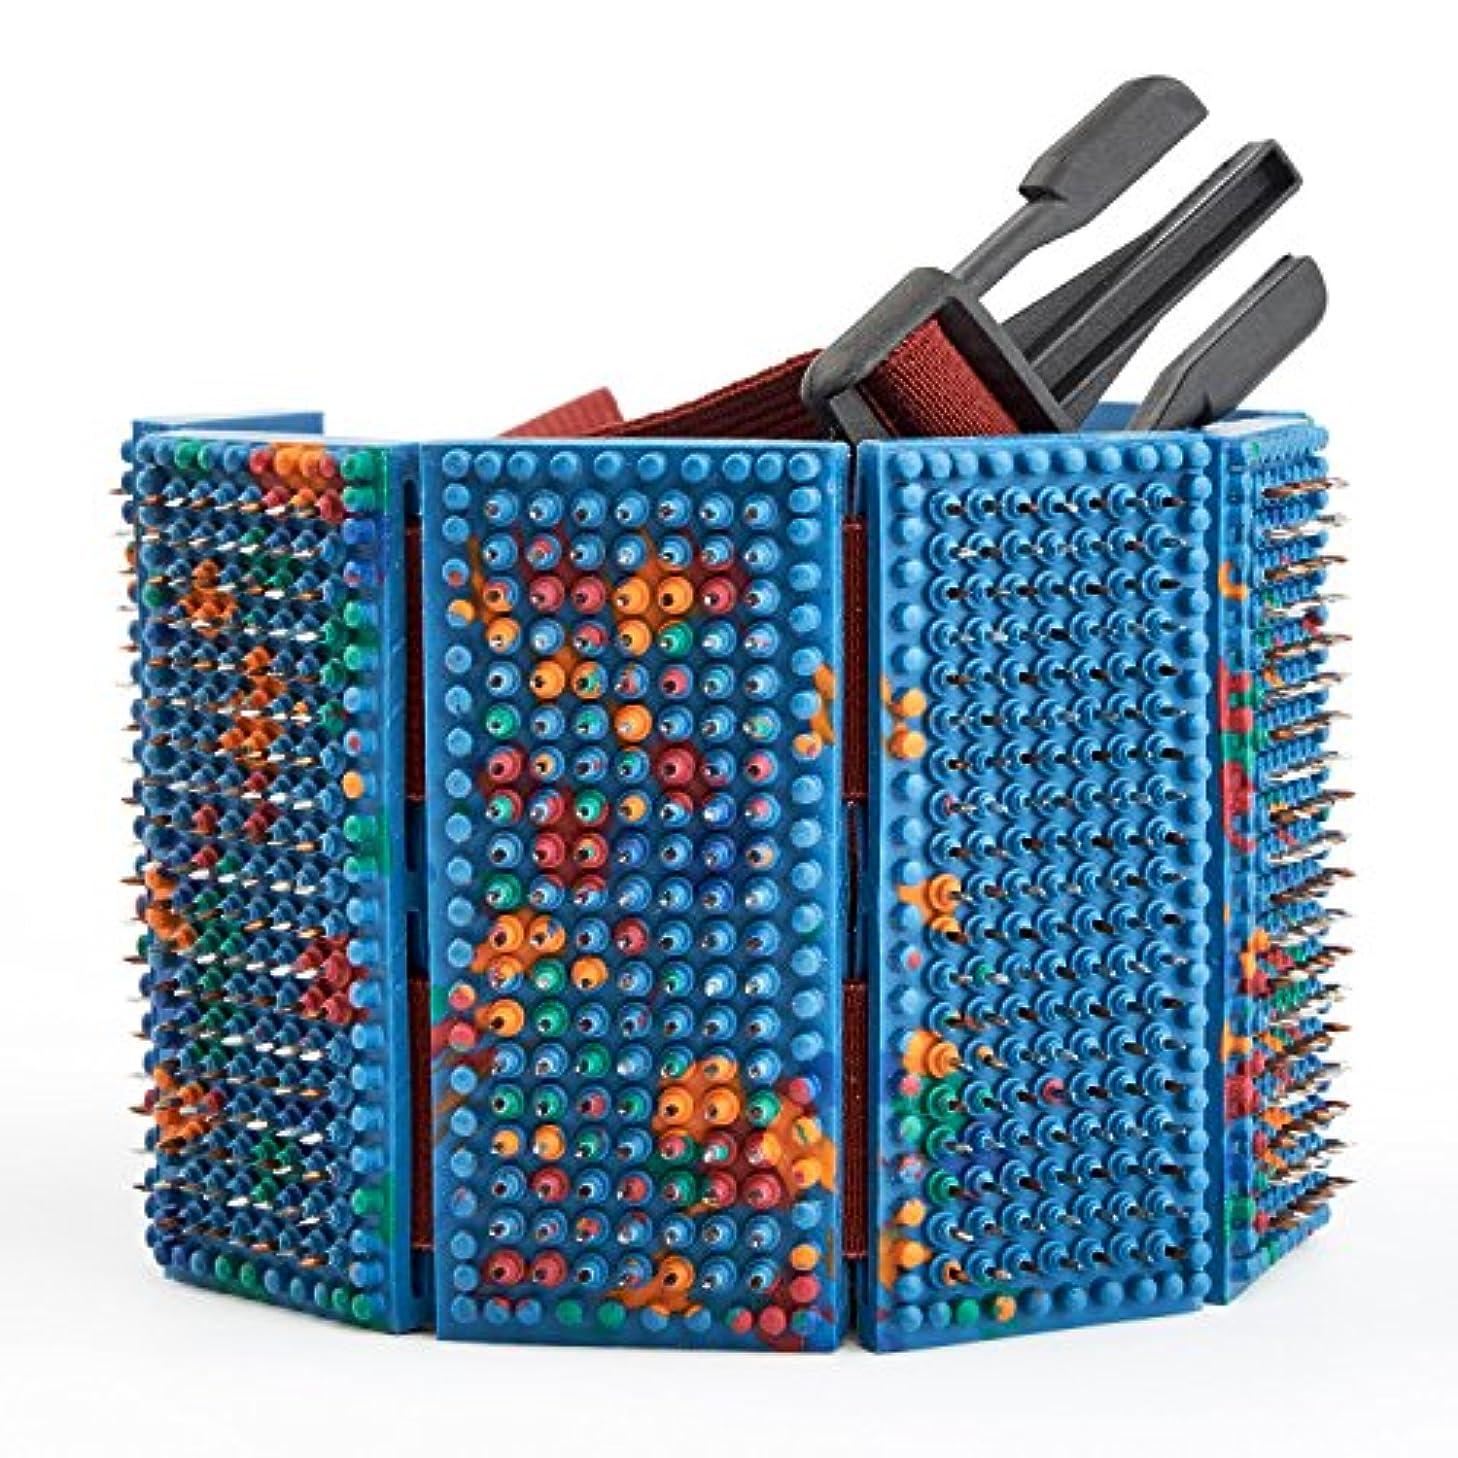 東ティモールおそらくラリーLYAPKO Acupuncture Belt KID 3.5 Ag 960 Needles 6 Plates with 2 Adjustable Belts. Premium Acupressure Massager for Adults and Children Unique Patented Therapy Massage Tool